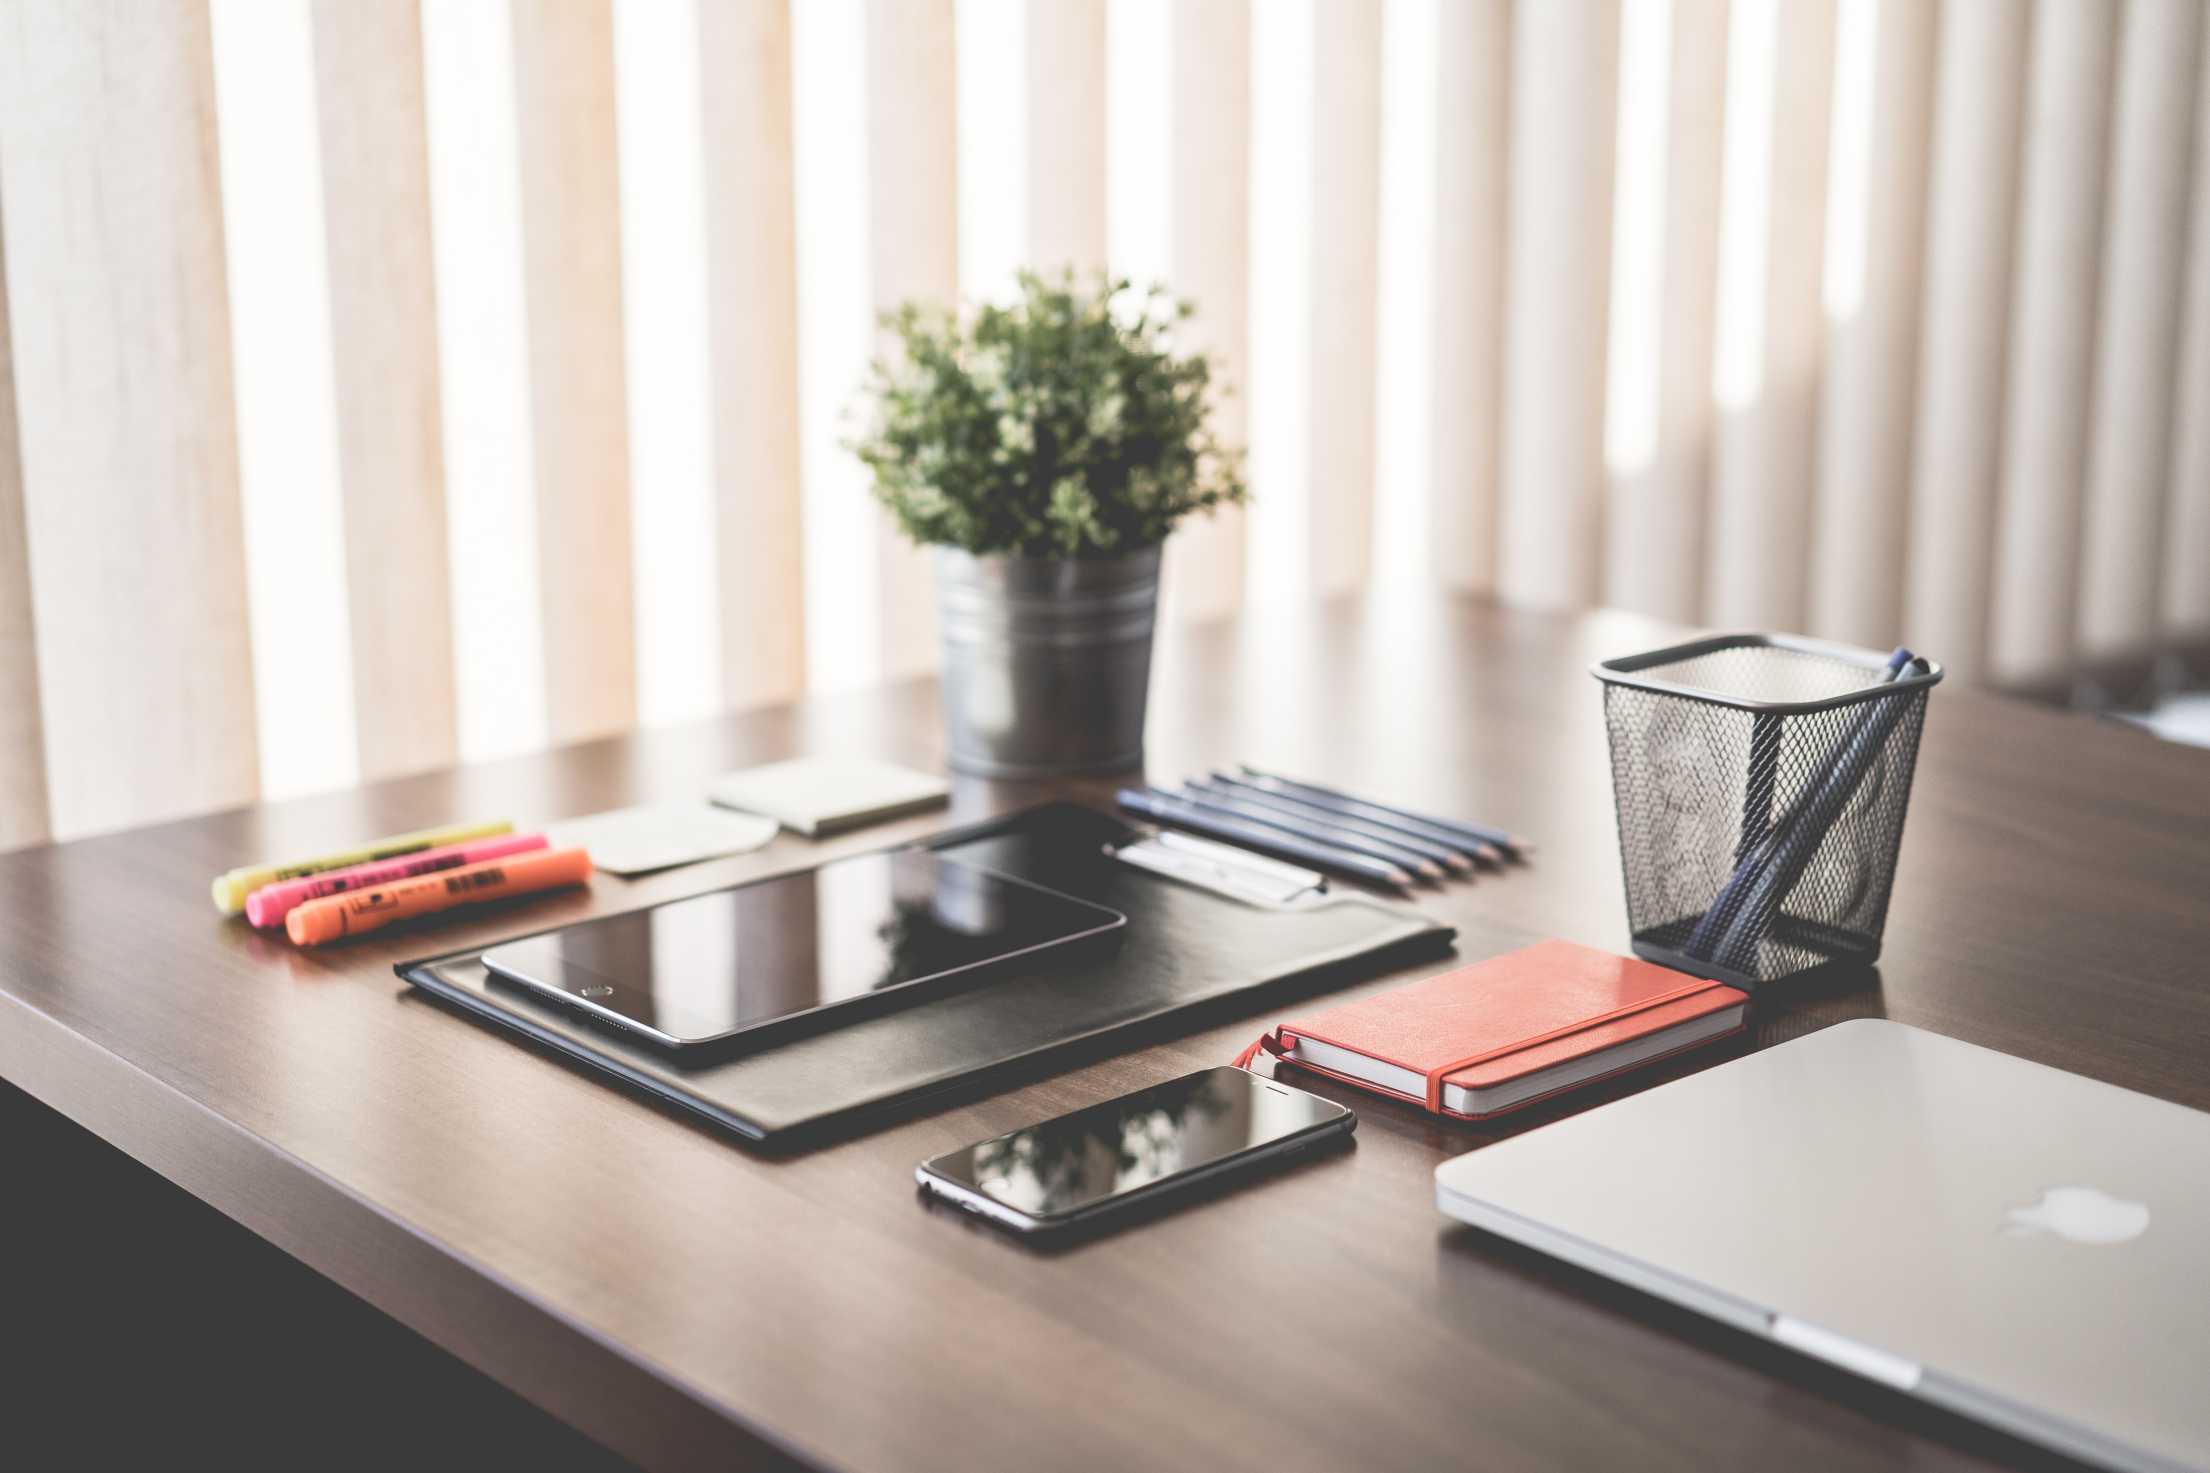 Organizzare Ufficio Vendite : Come organizzare il lavoro in ufficio con le tasche kanban studio t